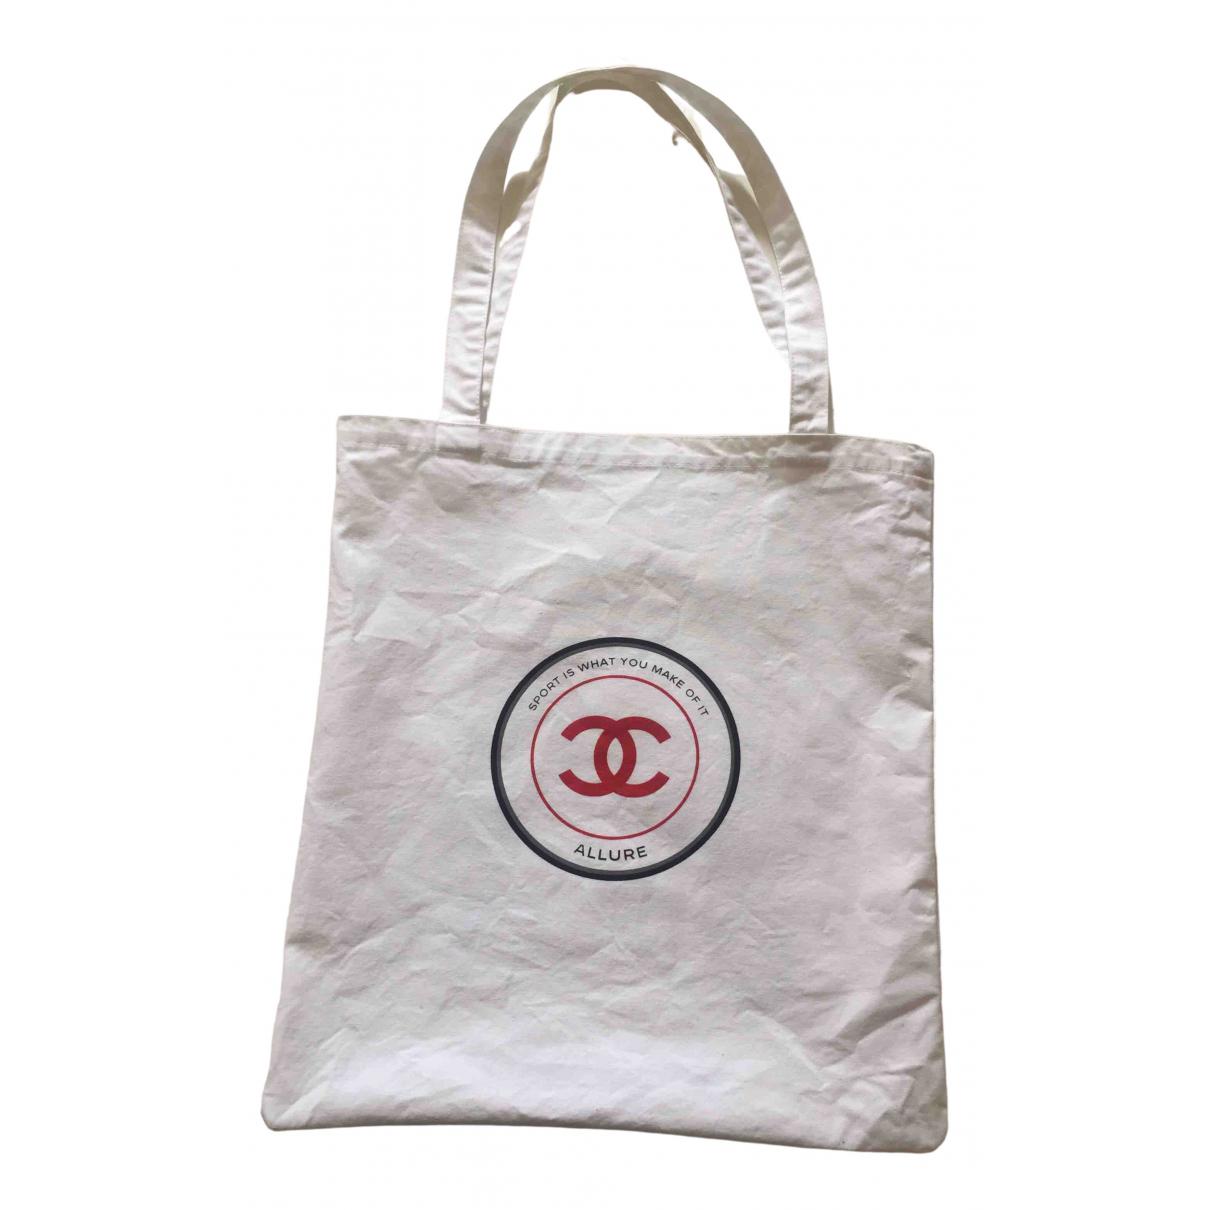 Chanel - Sac a main   pour femme en coton - blanc